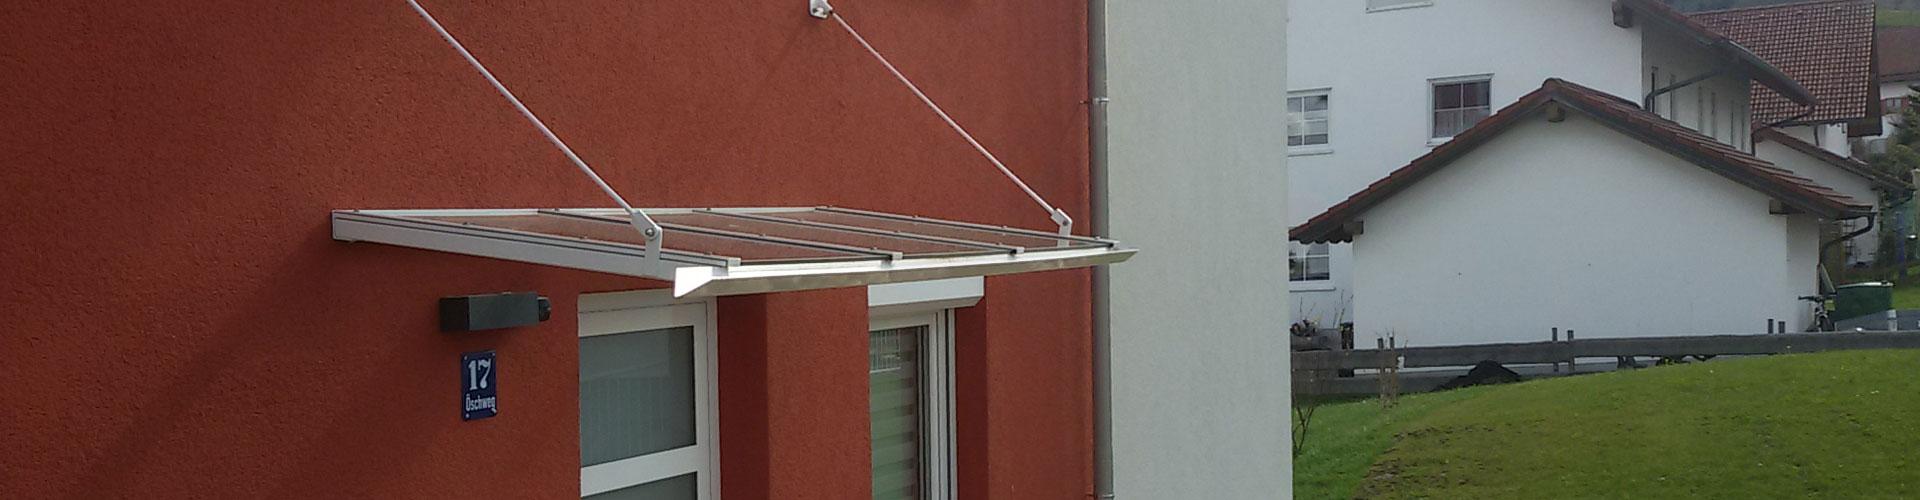 Metallbau Roland Wölfle, Vordächer